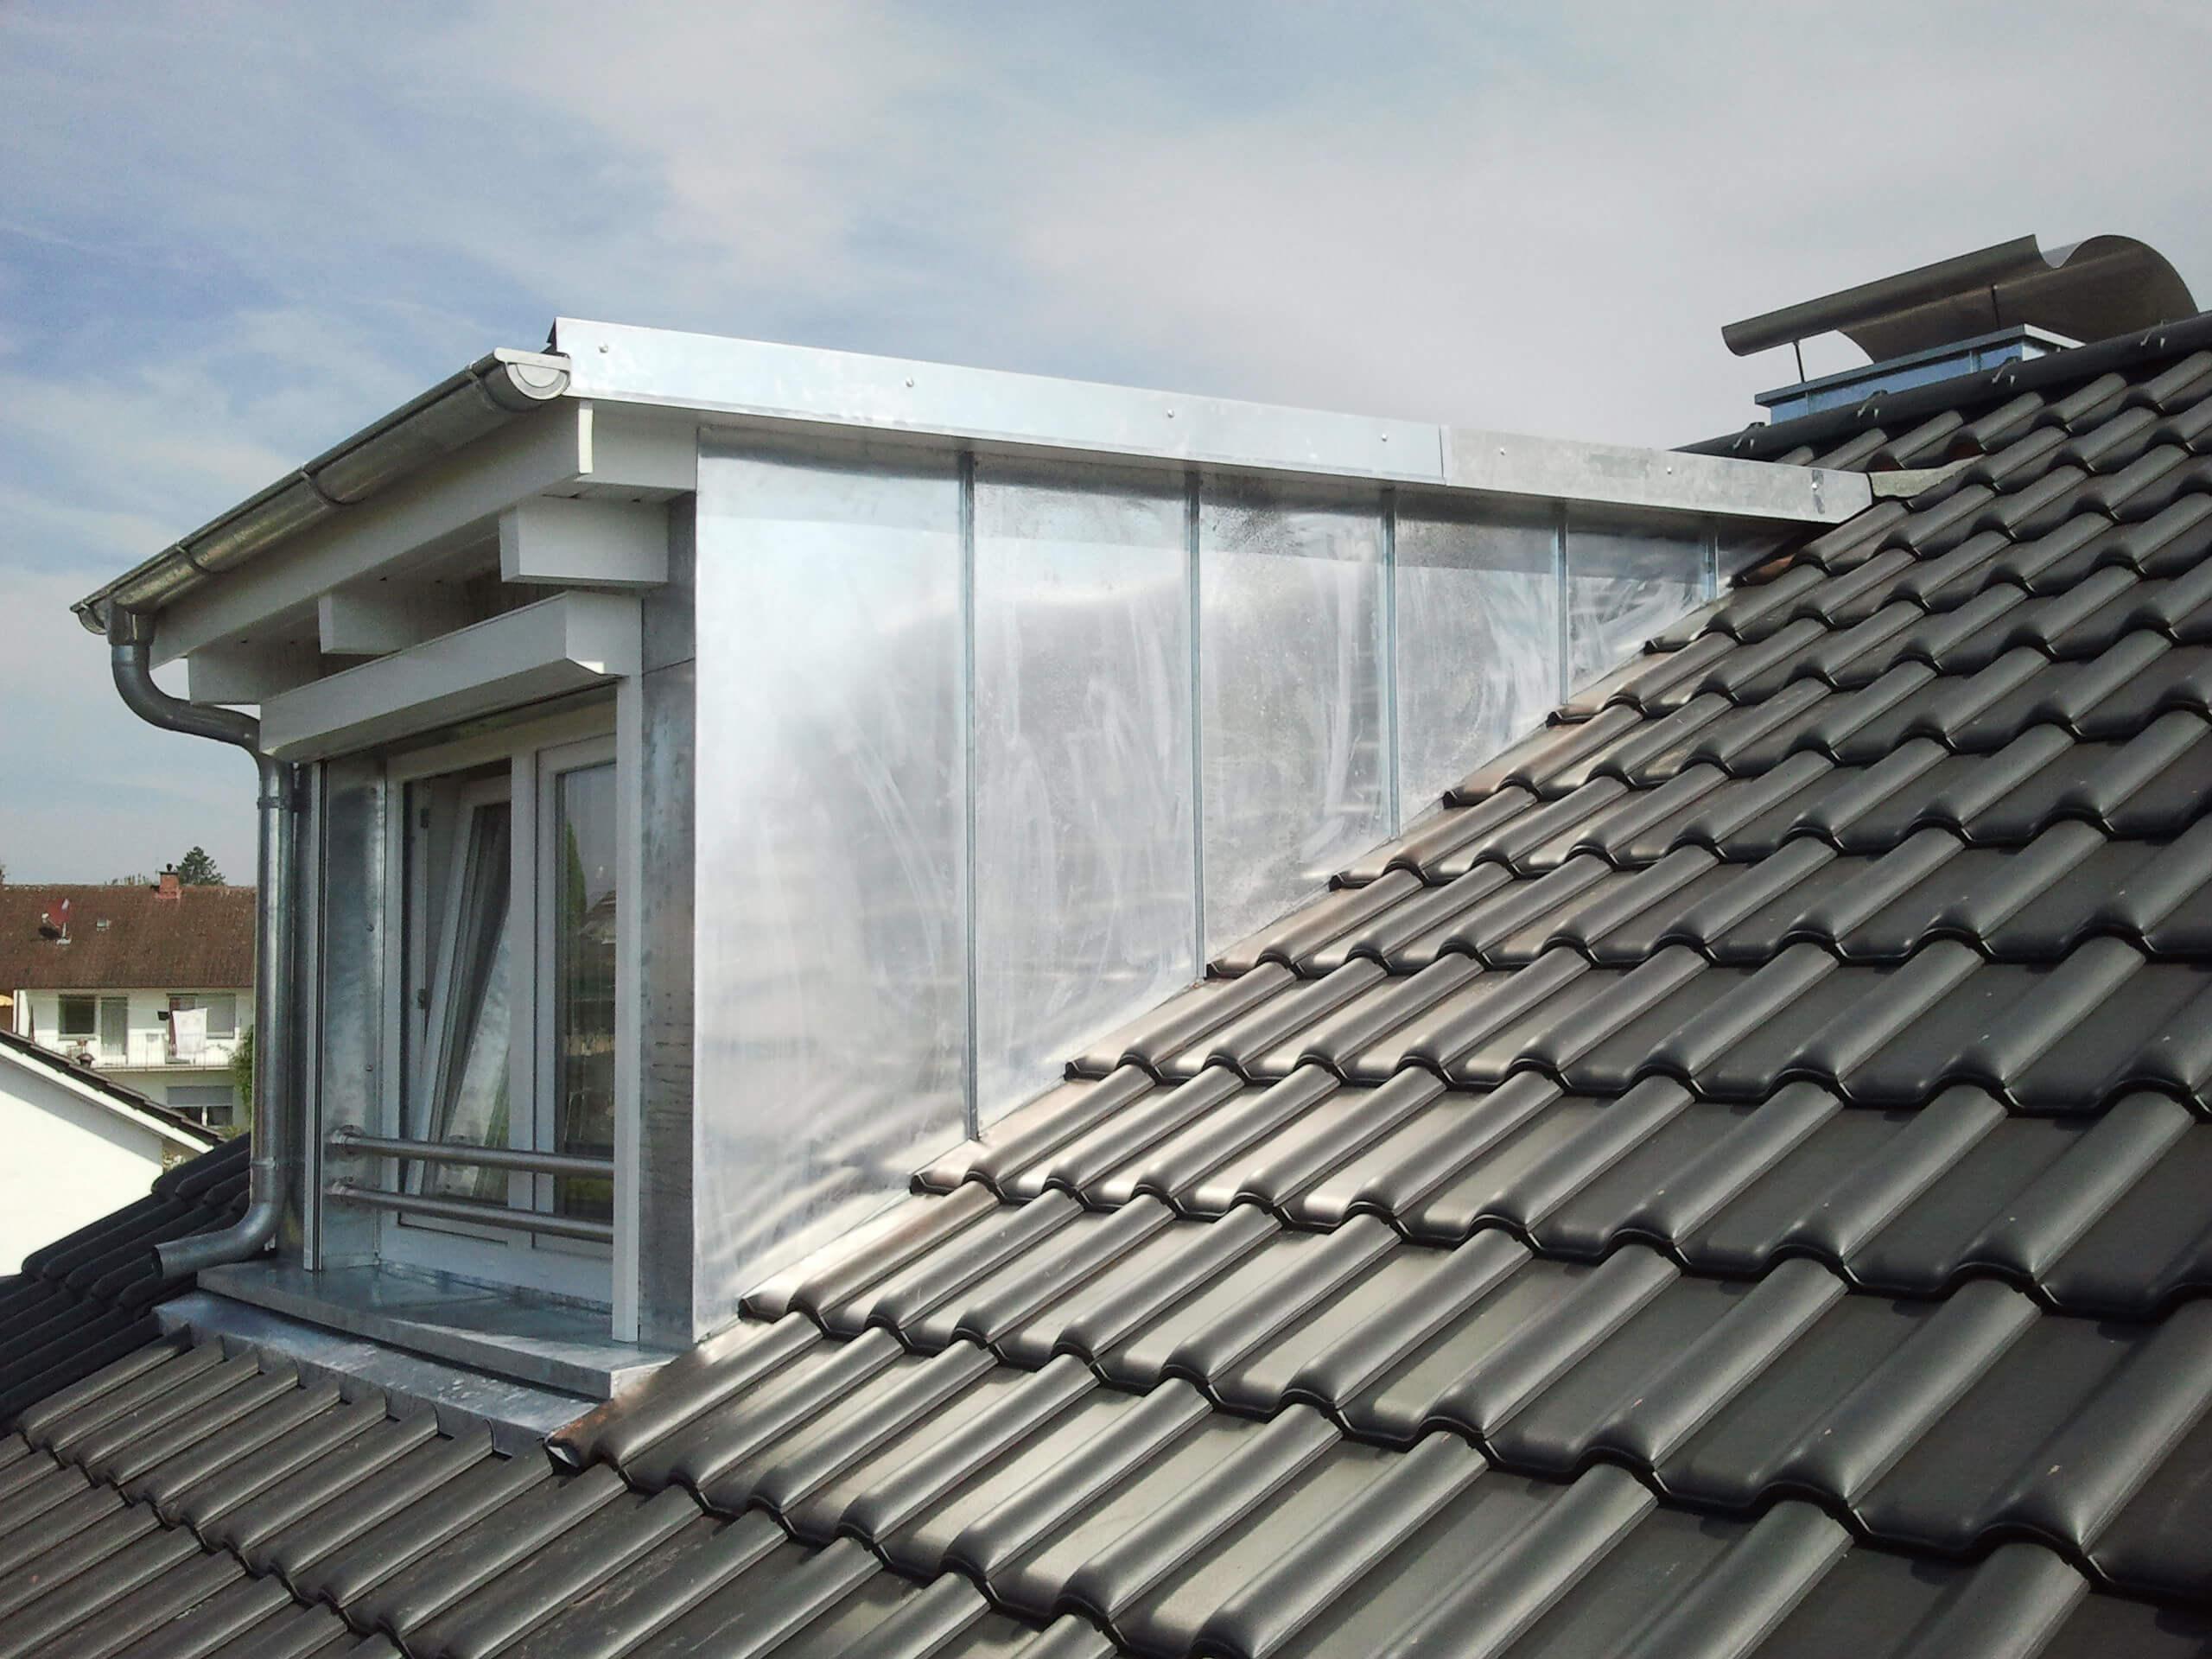 schmidt dach und fassadenbau dach fassade und solar. Black Bedroom Furniture Sets. Home Design Ideas